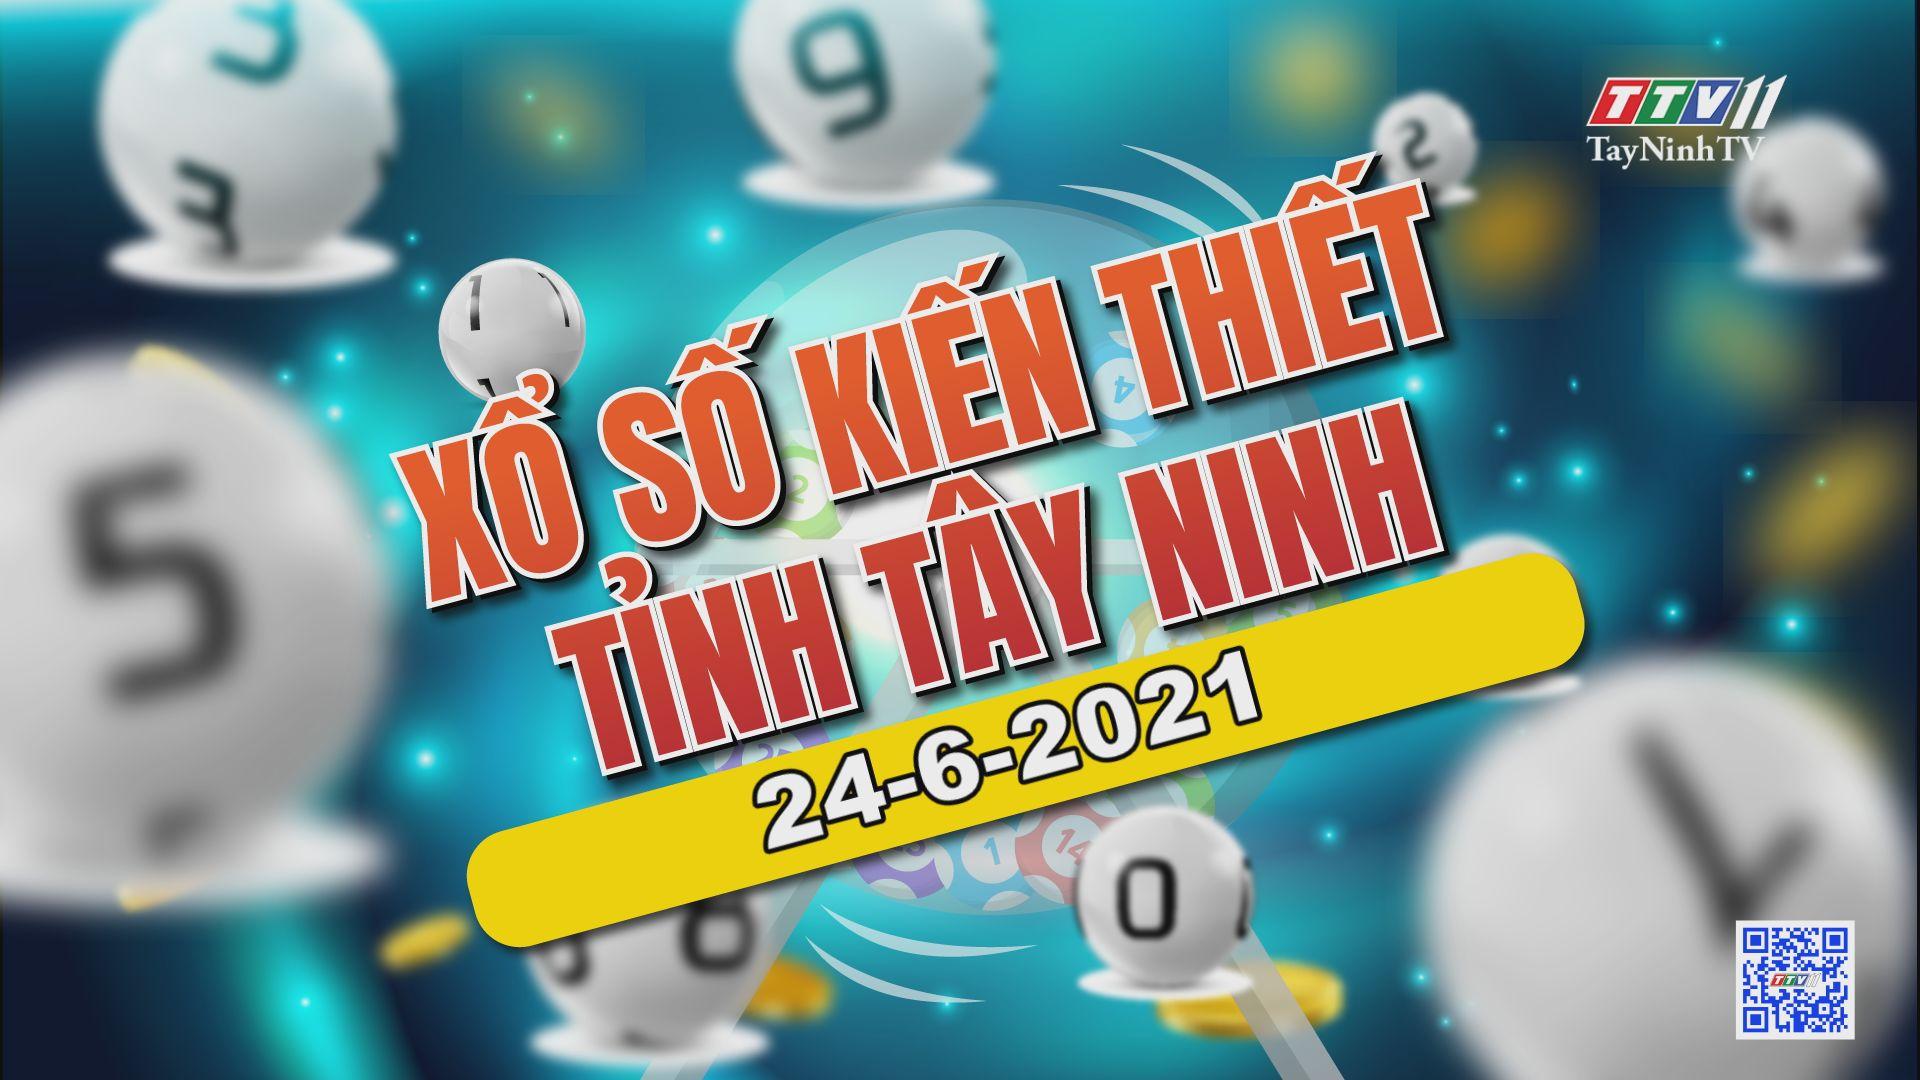 Xổ số Tây Ninh ngày 24-6-2021 | TayNinhTVE